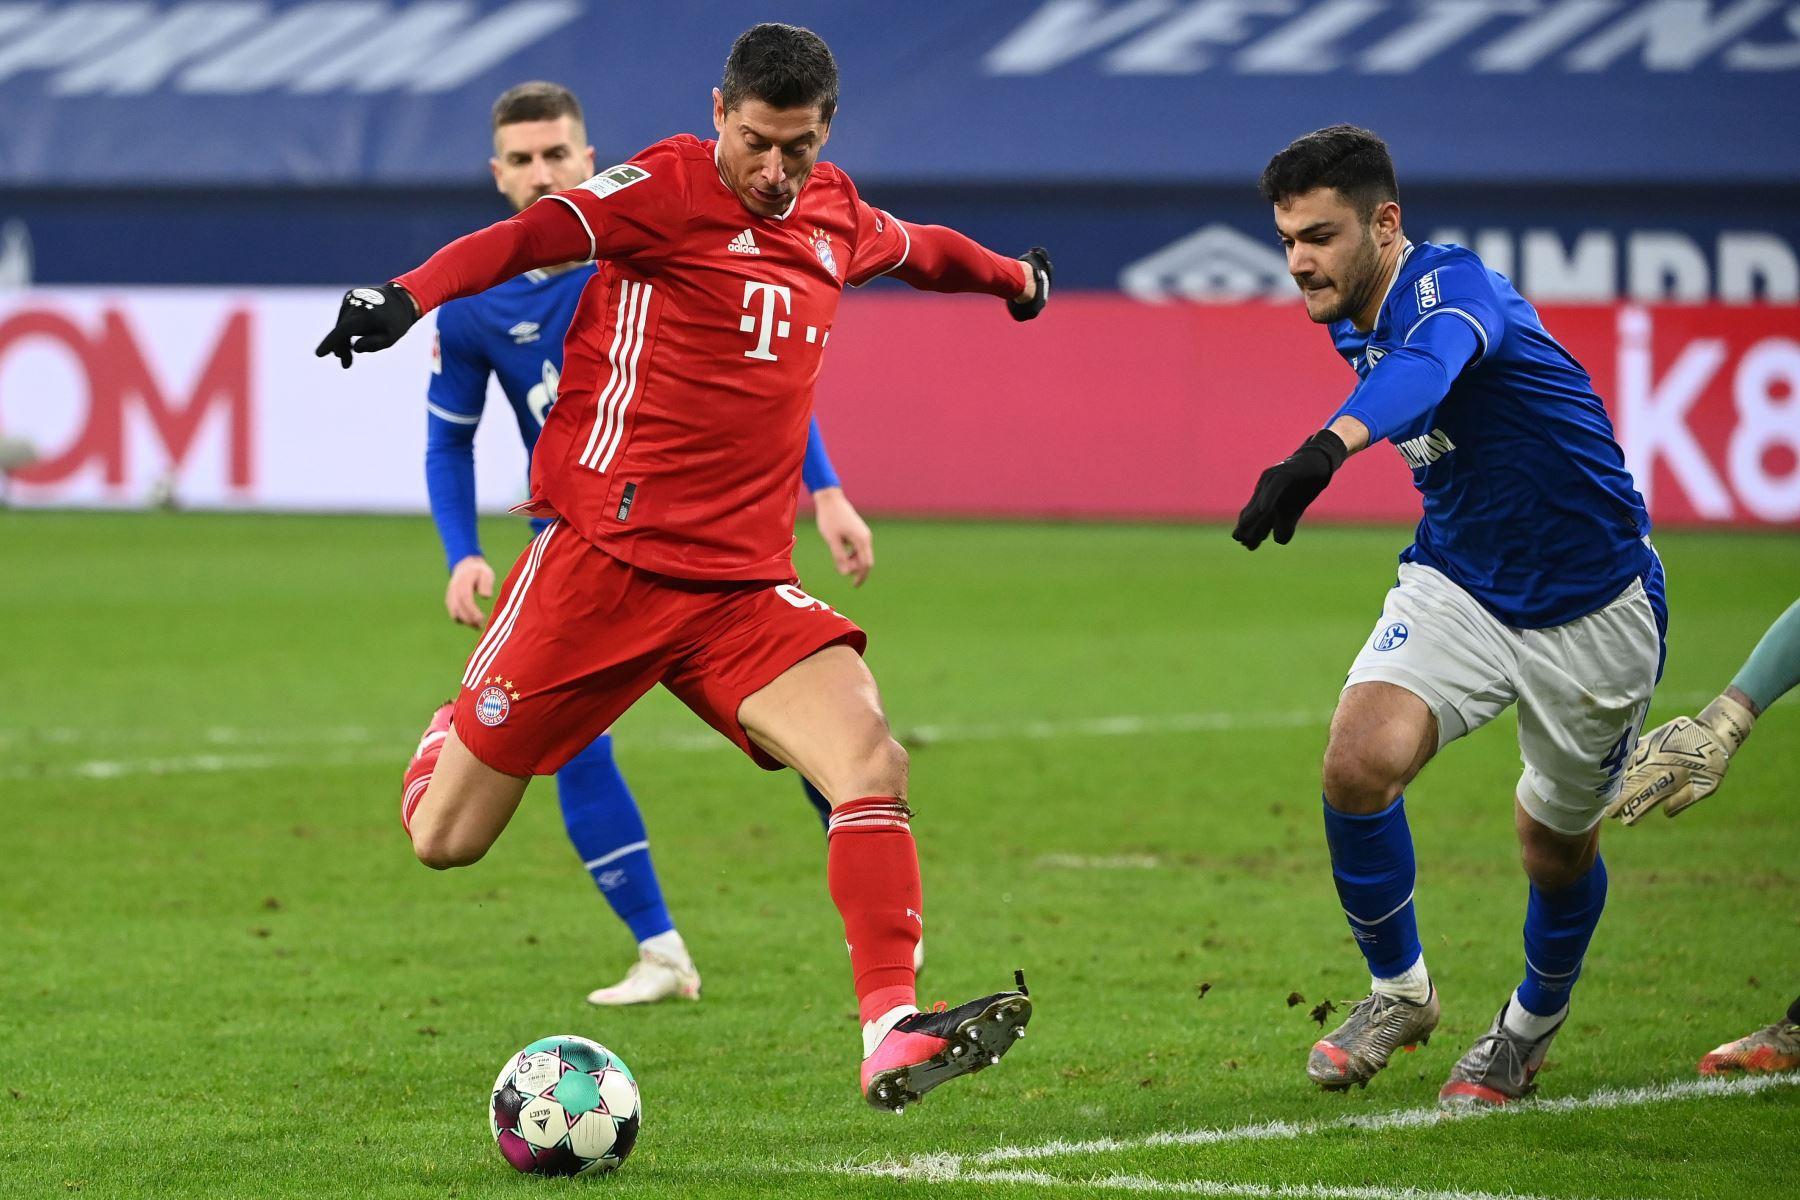 El delantero polaco del Bayern de Múnich Robert Lewandowski marca el 0-2 durante el partido de fútbol de la Bundesliga de primera división alemana Schalke 04 v FC Bayern Munich en Gelsenkirchen, Alemania occidental. Foto: AFP